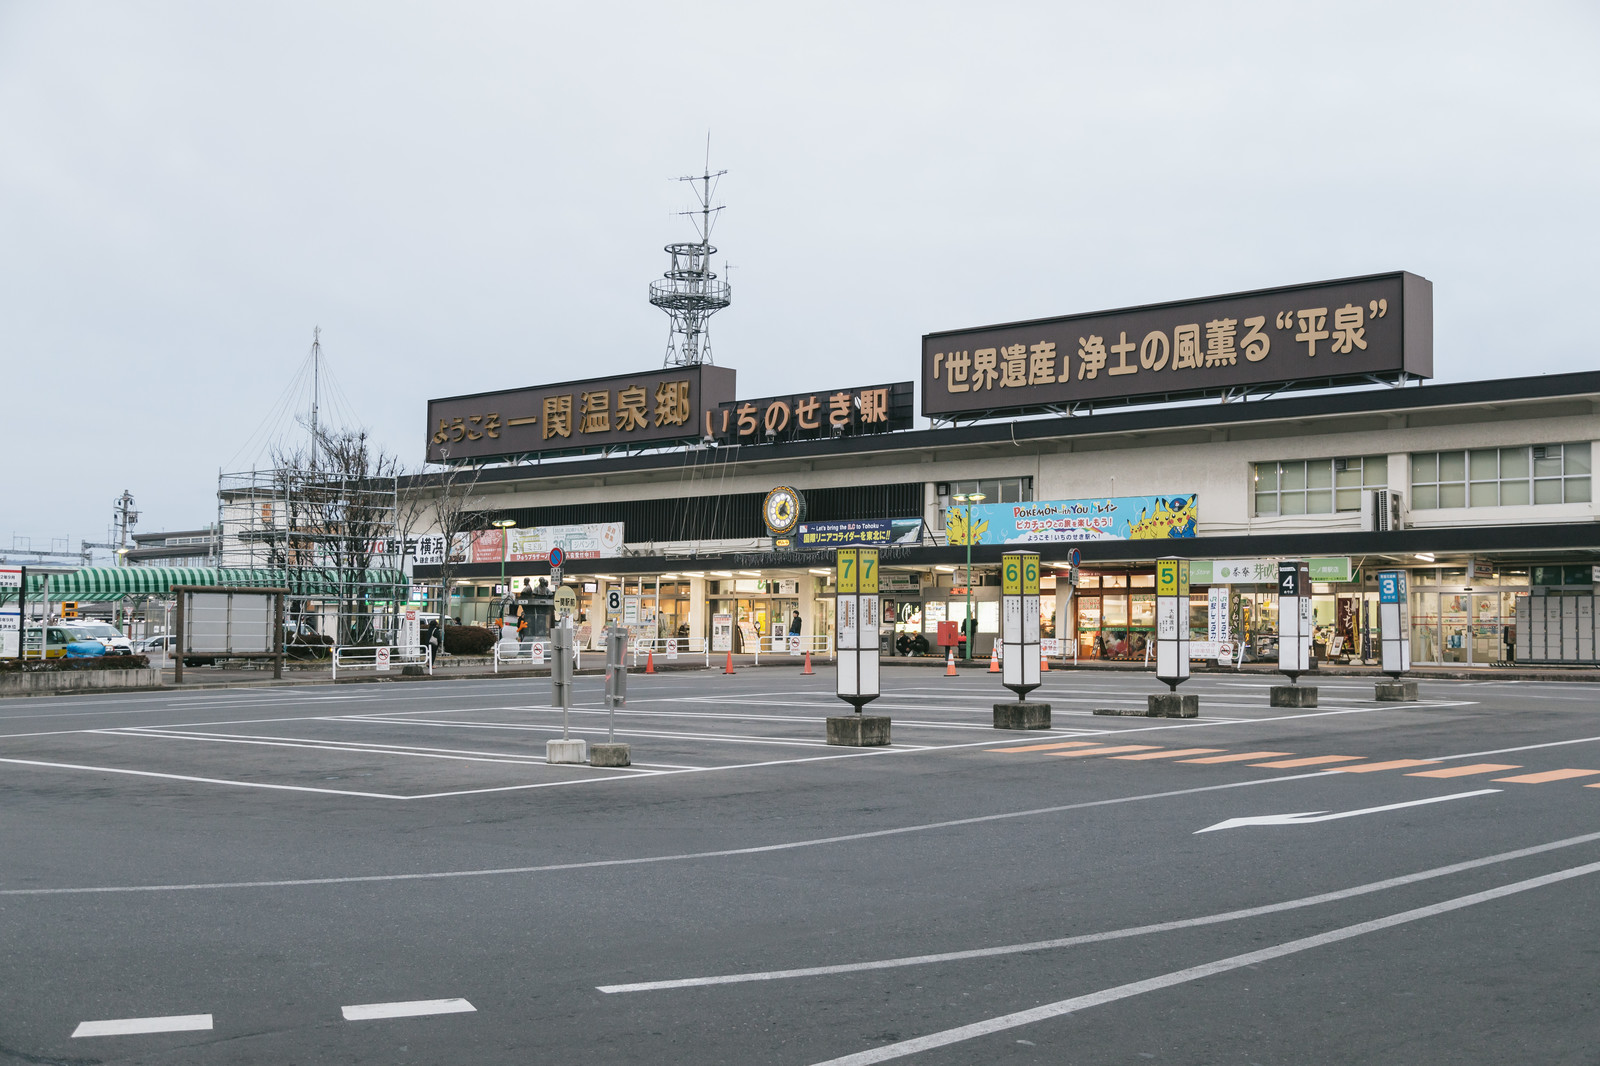 「いちのせき駅前」の写真